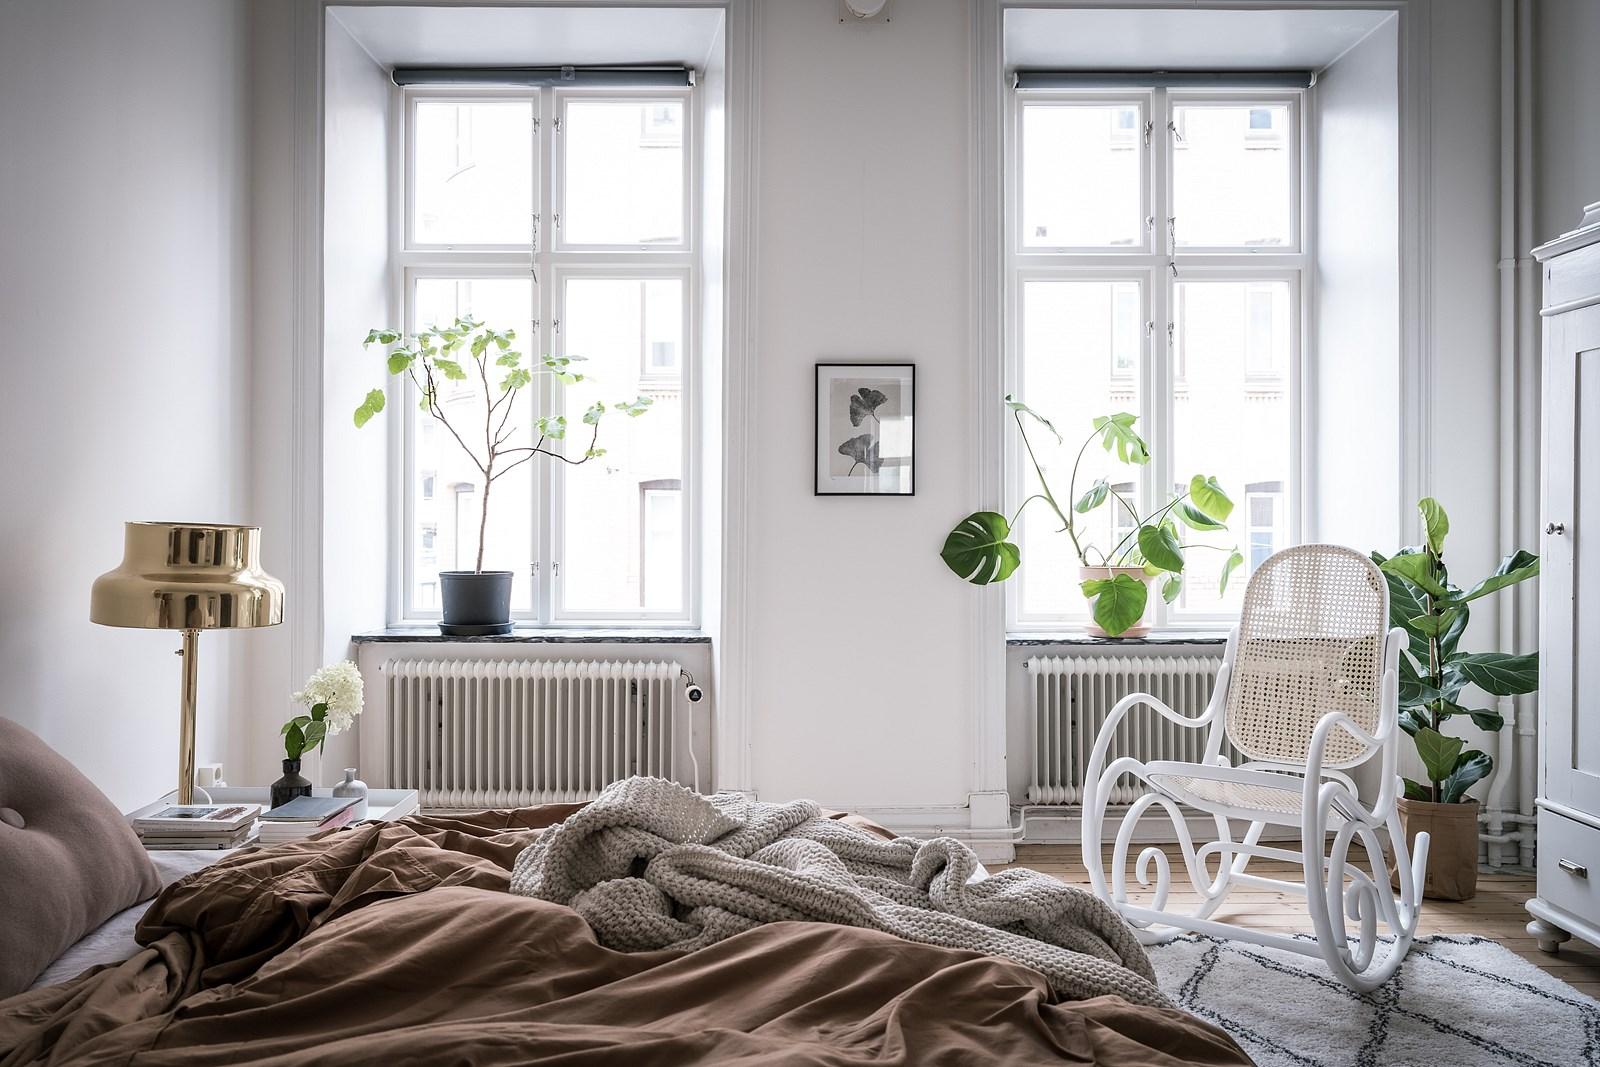 окна радиаторы отопления кровать